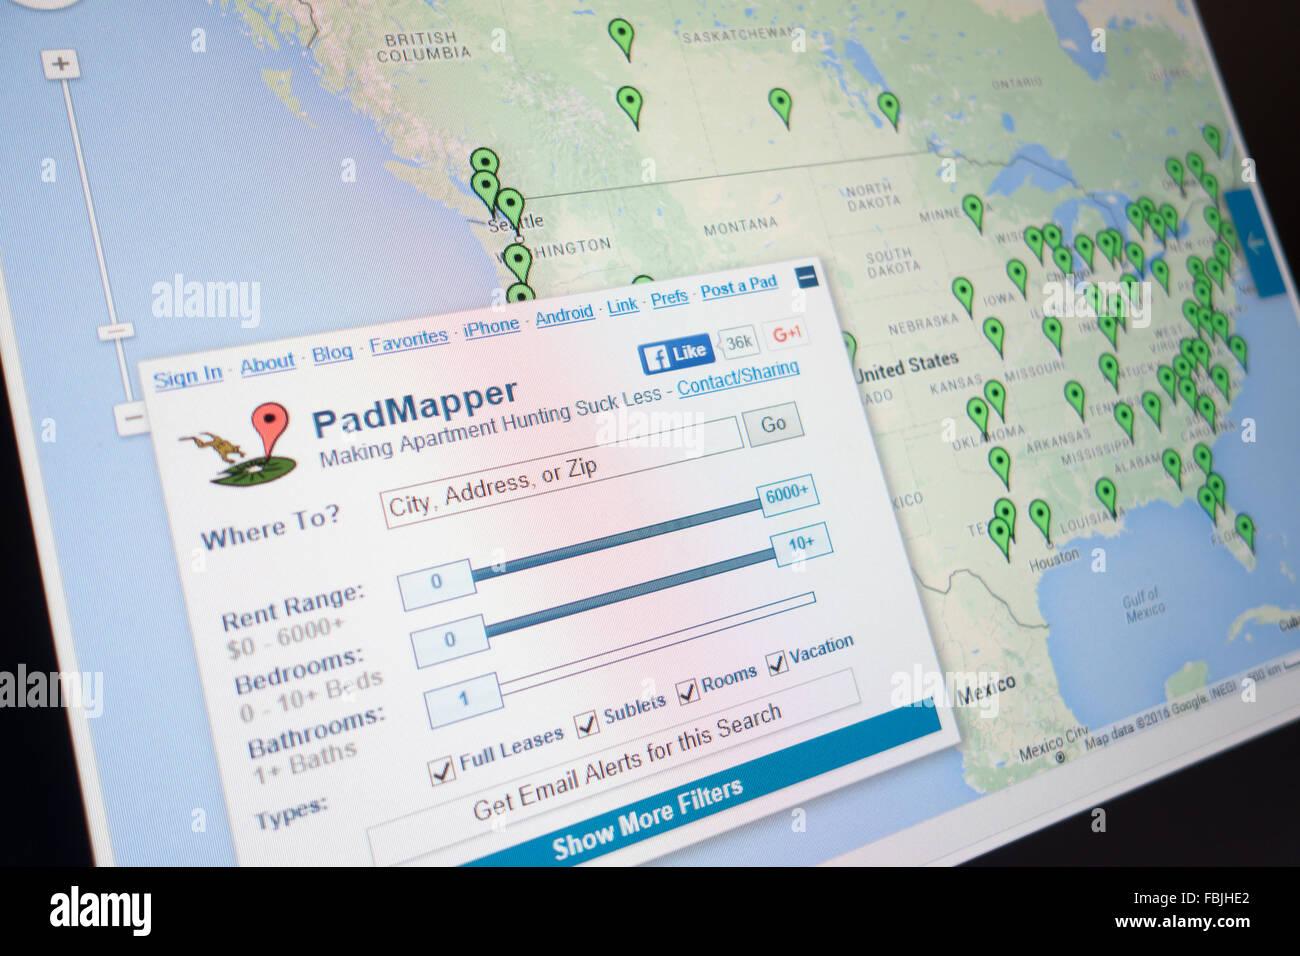 online rental search padmapper - Stock Image